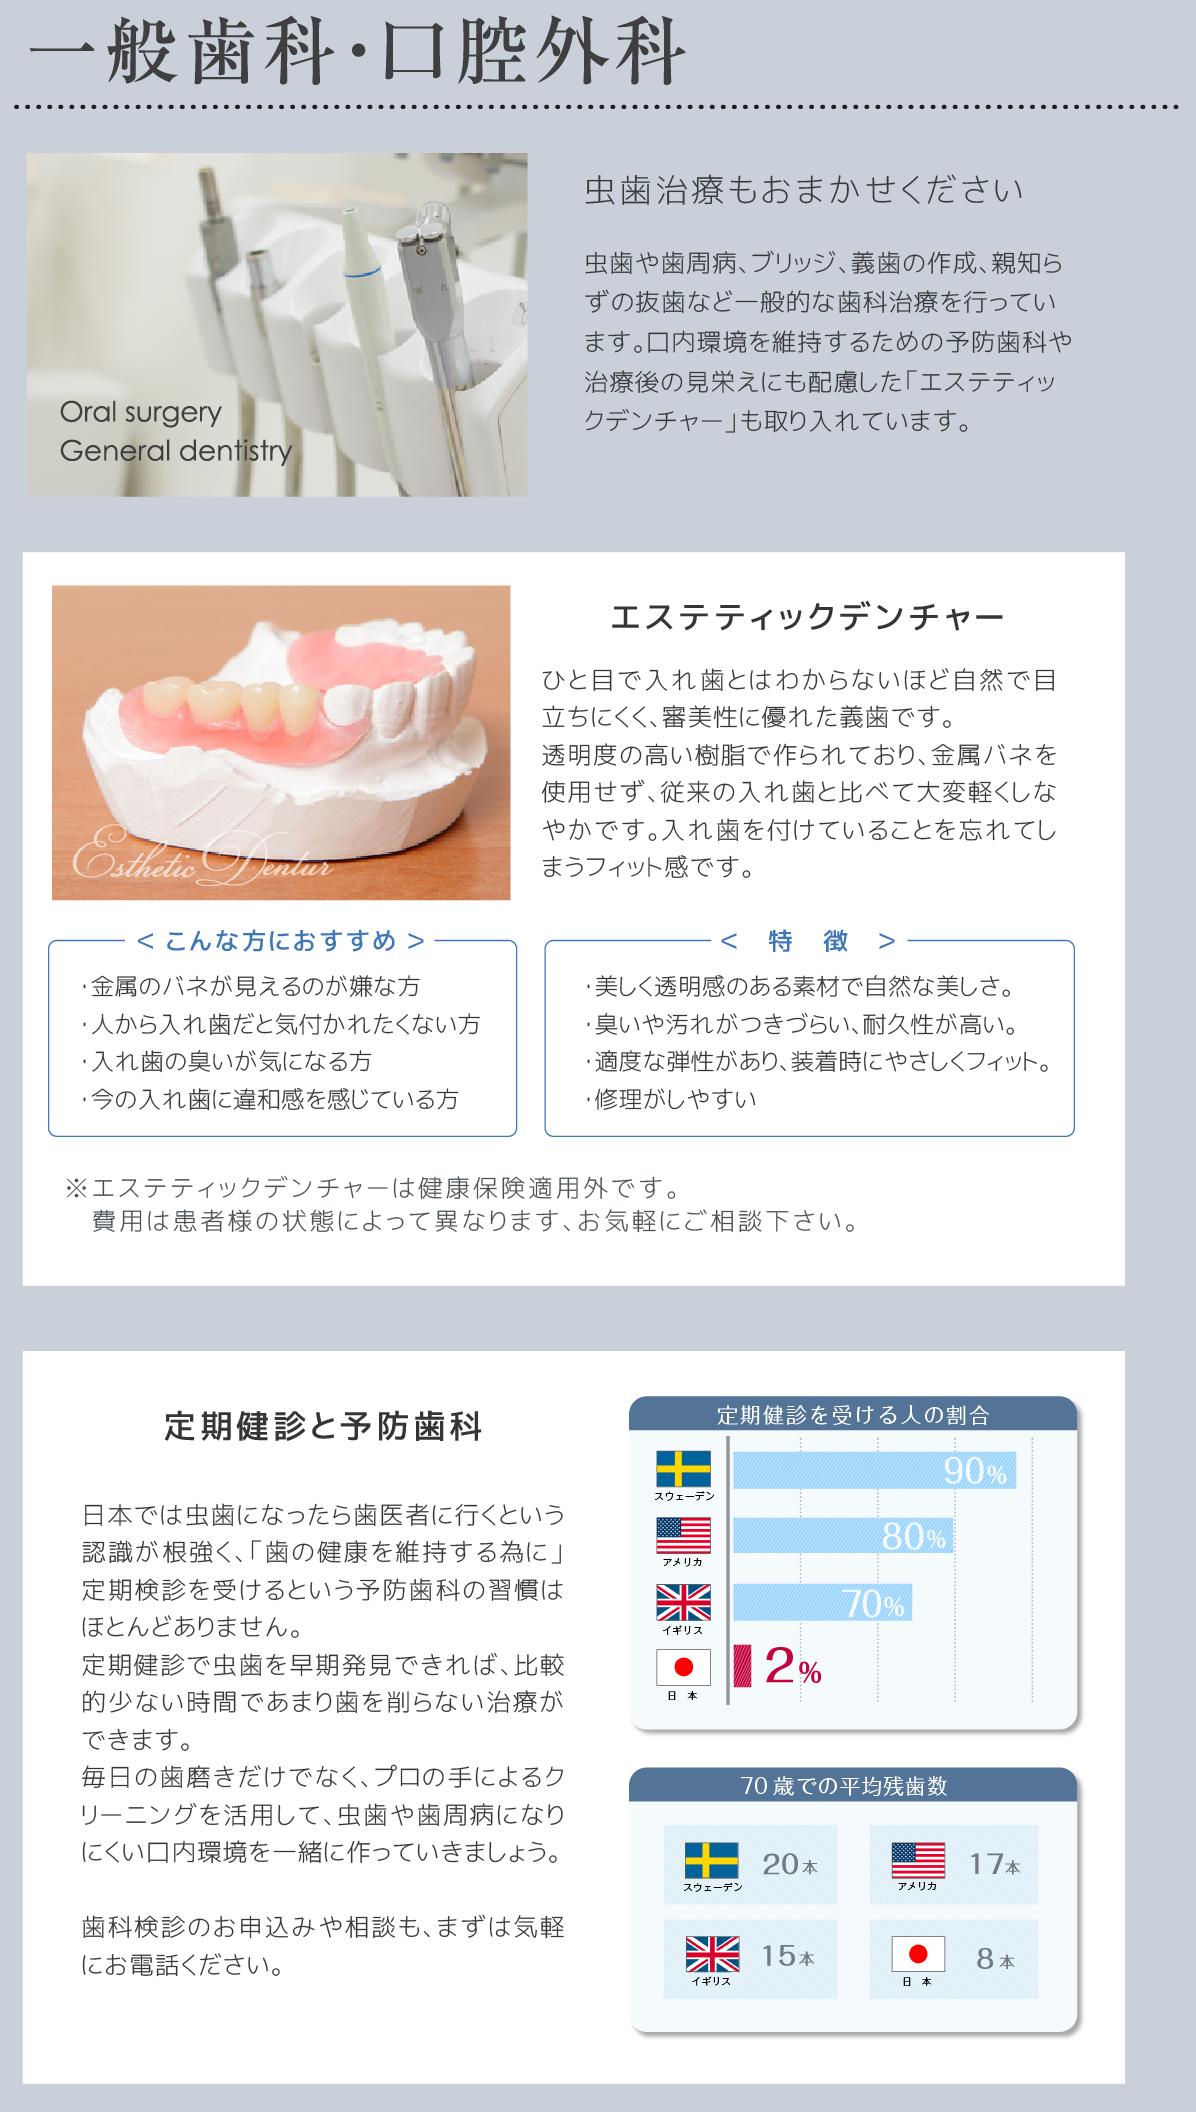 一般歯科・口腔外科